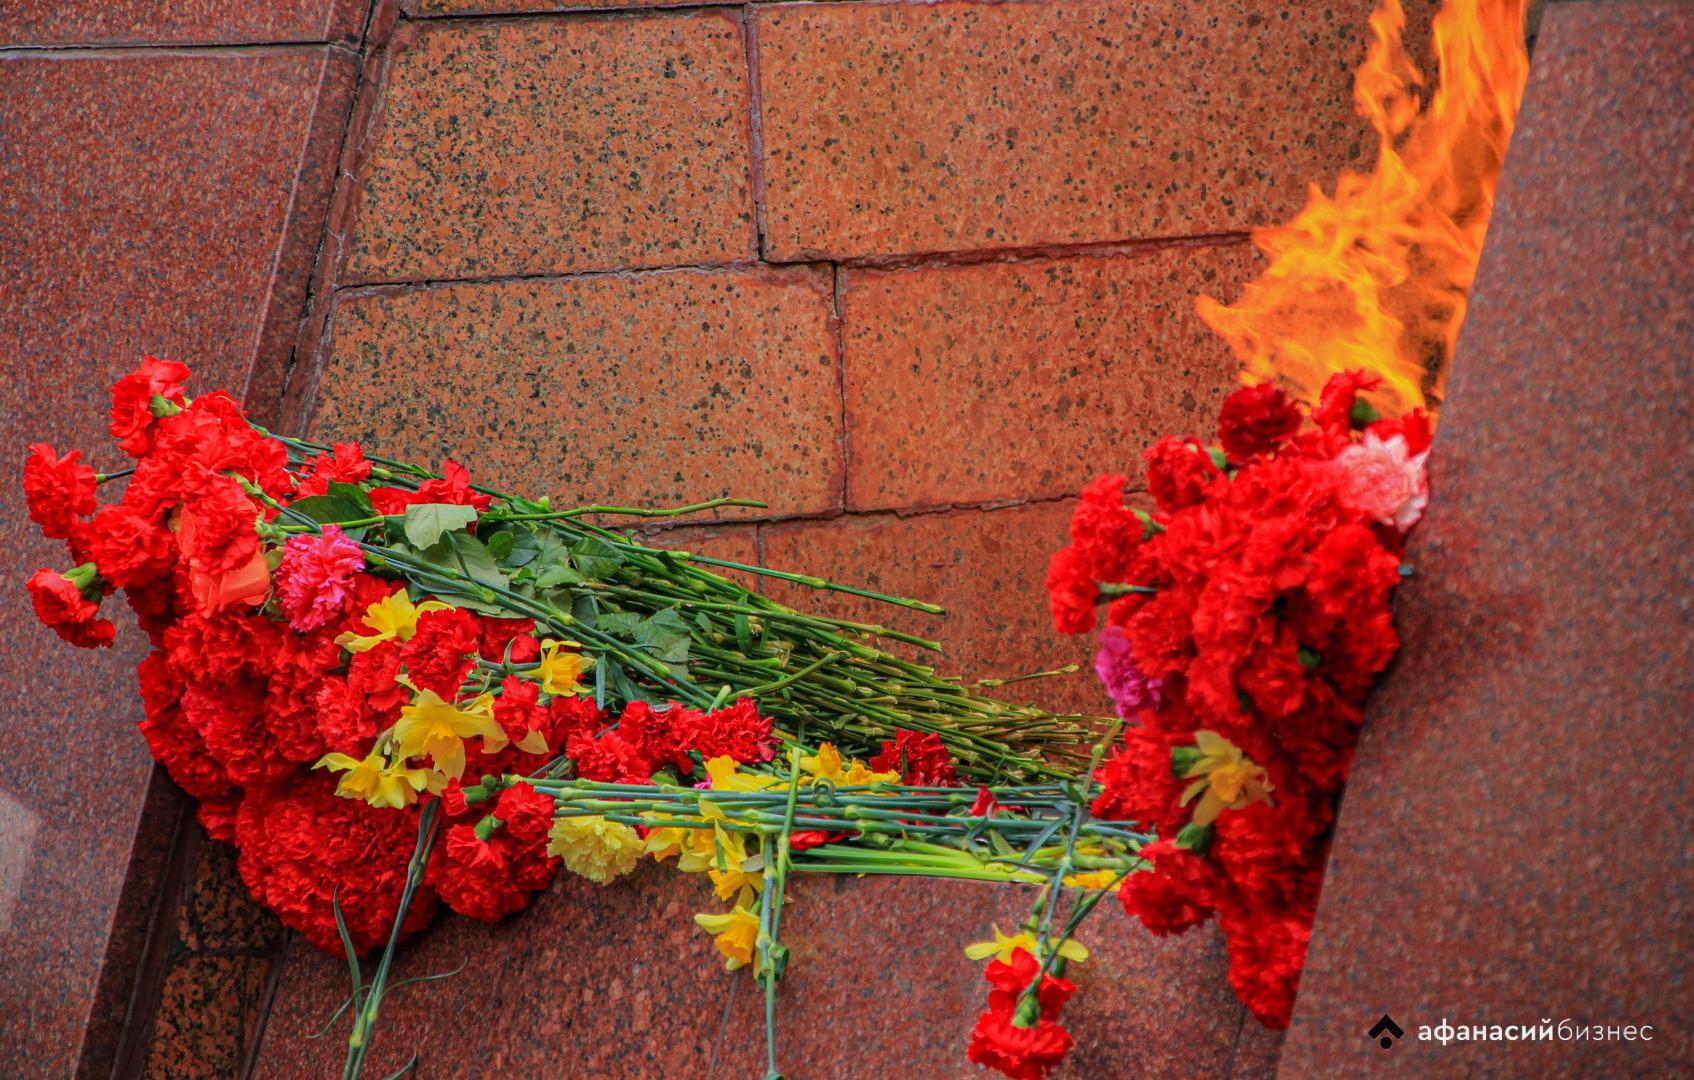 «Завтра была война». 80 лет спустя Тверь помнит погибших за Родину - новости Афанасий